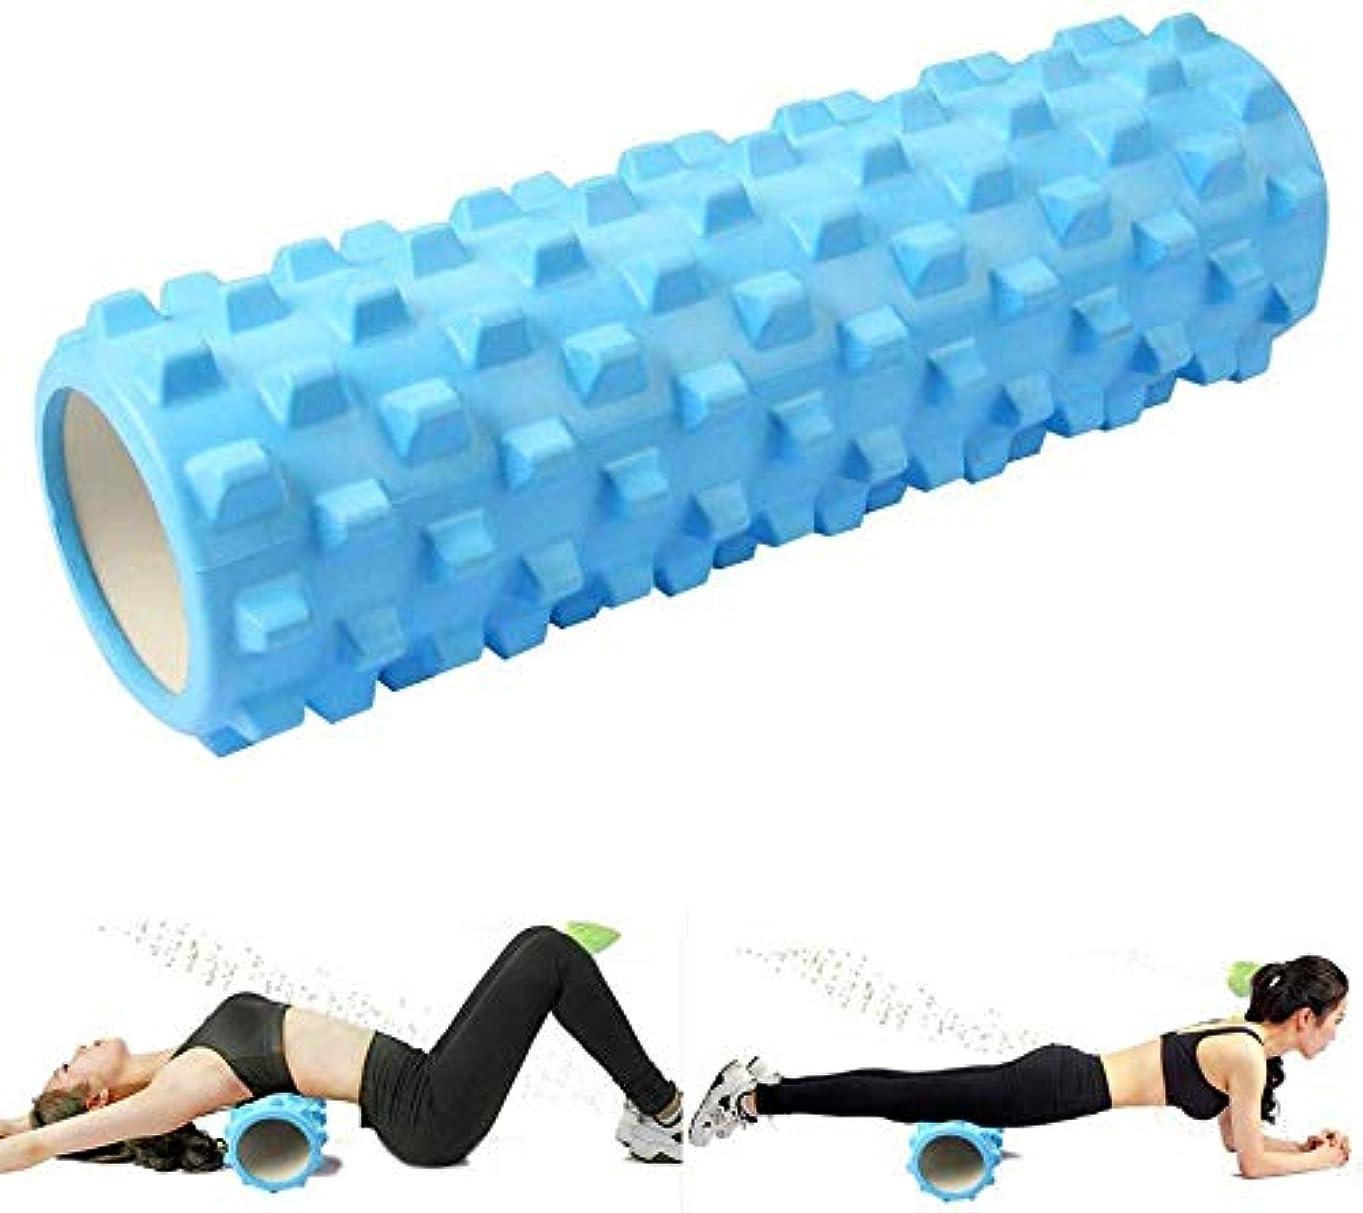 スポンサー好きであるホイッスルフォームローラー、理学療法と運動のための深部組織筋肉マッサージヨガフォームローラー,Blue